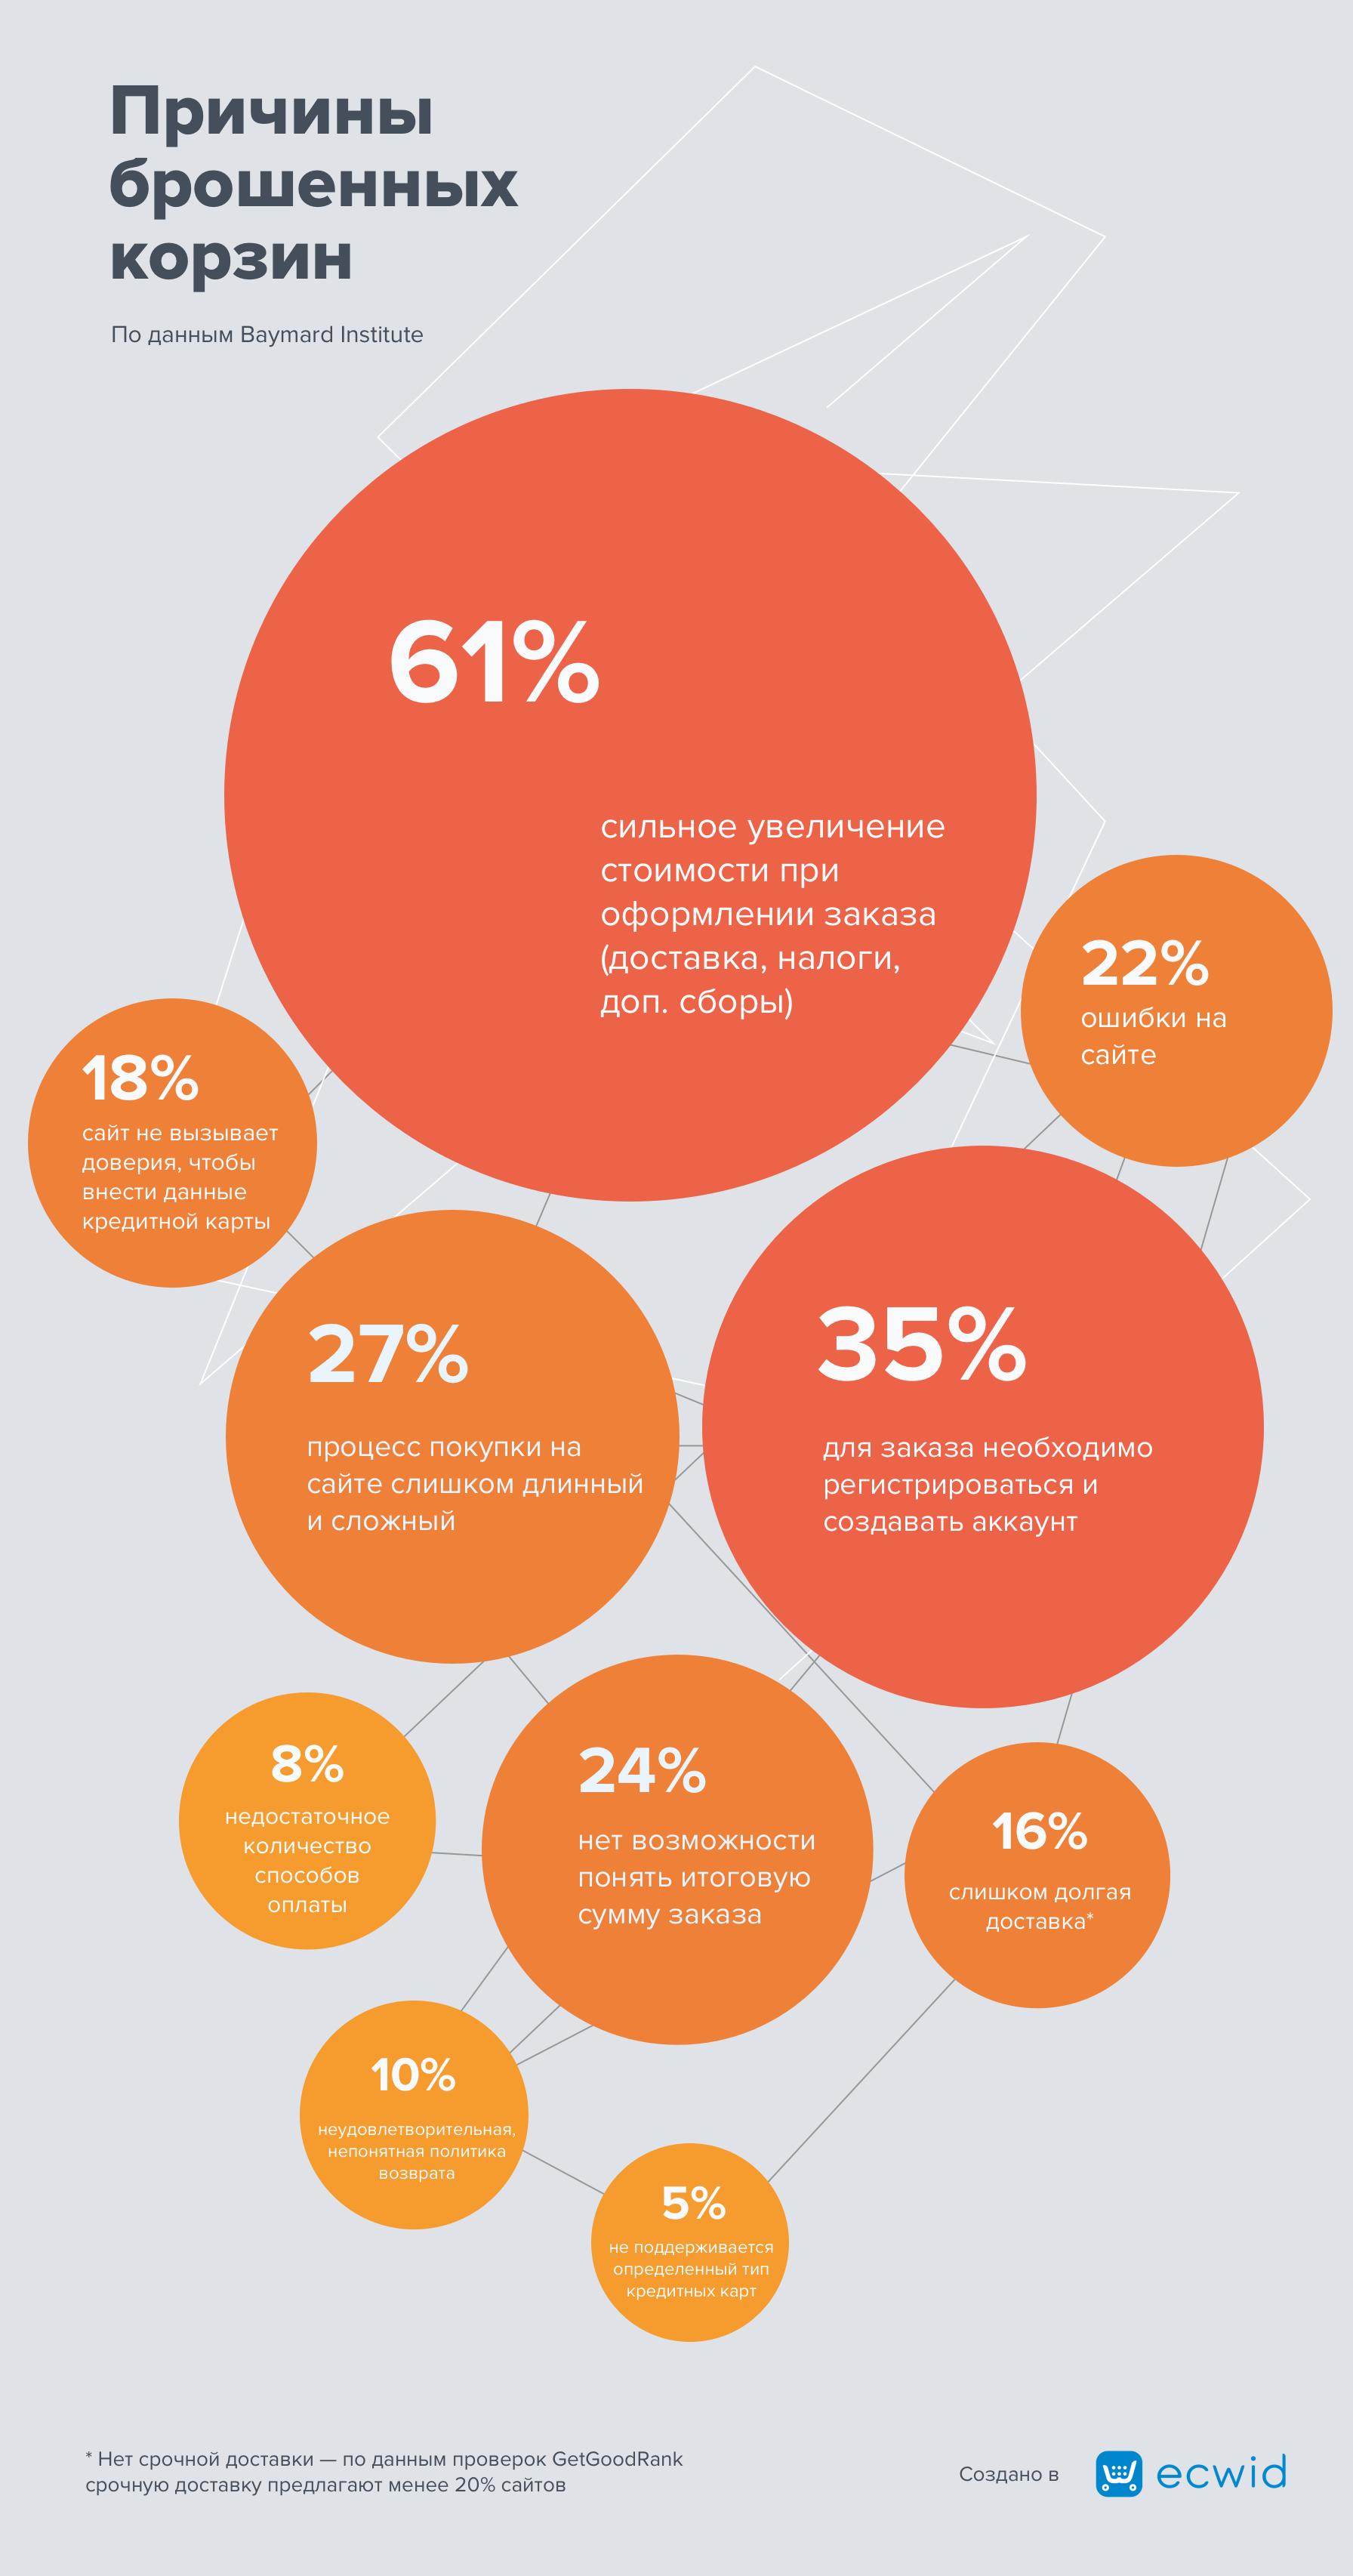 Инфографика: Причины брошенных корзин в интернет-магазине